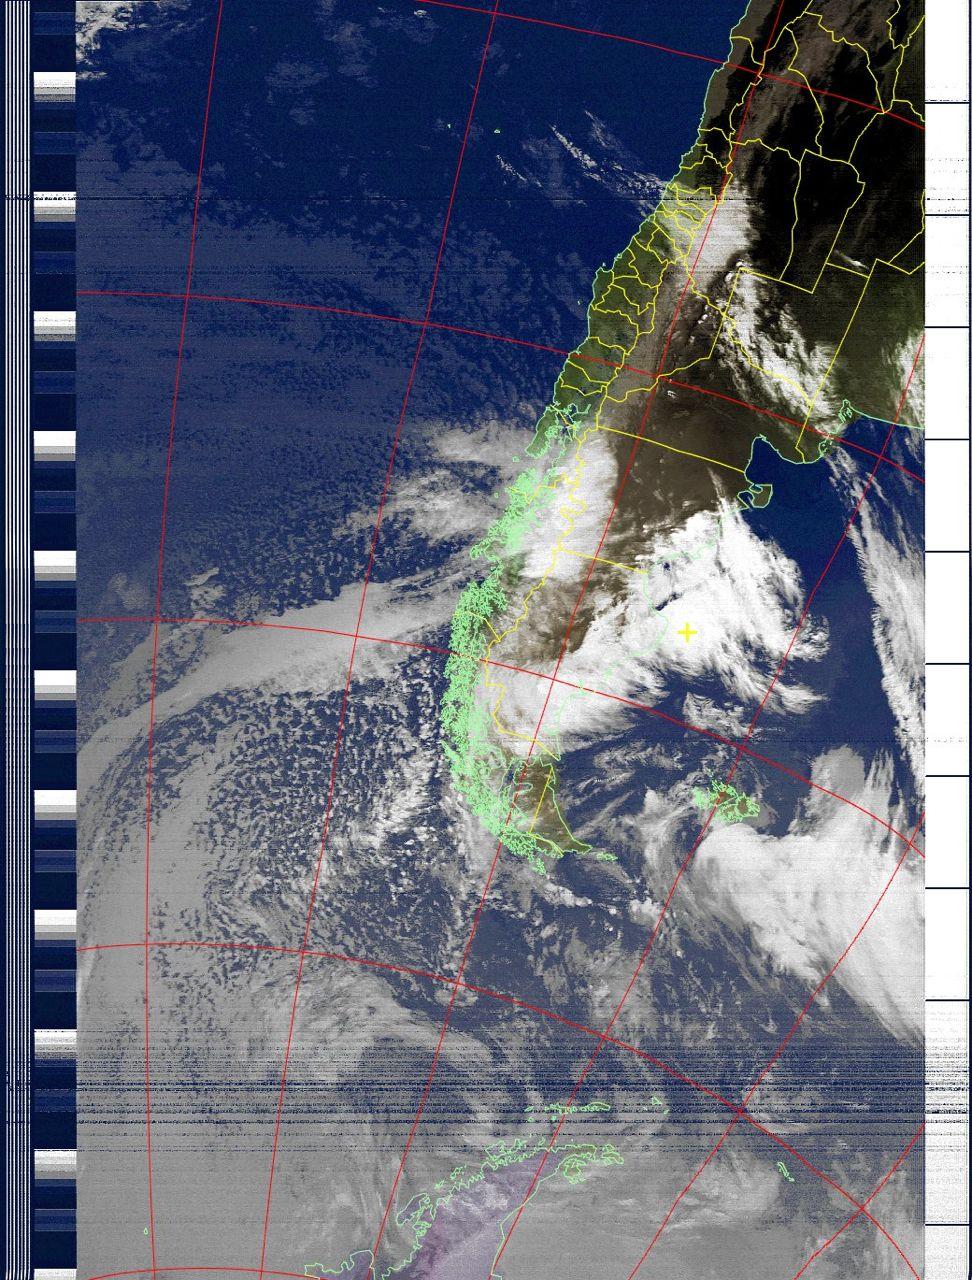 Wx via the NOAA sats and WXtoIMG - Cruisers & Sailing Forums